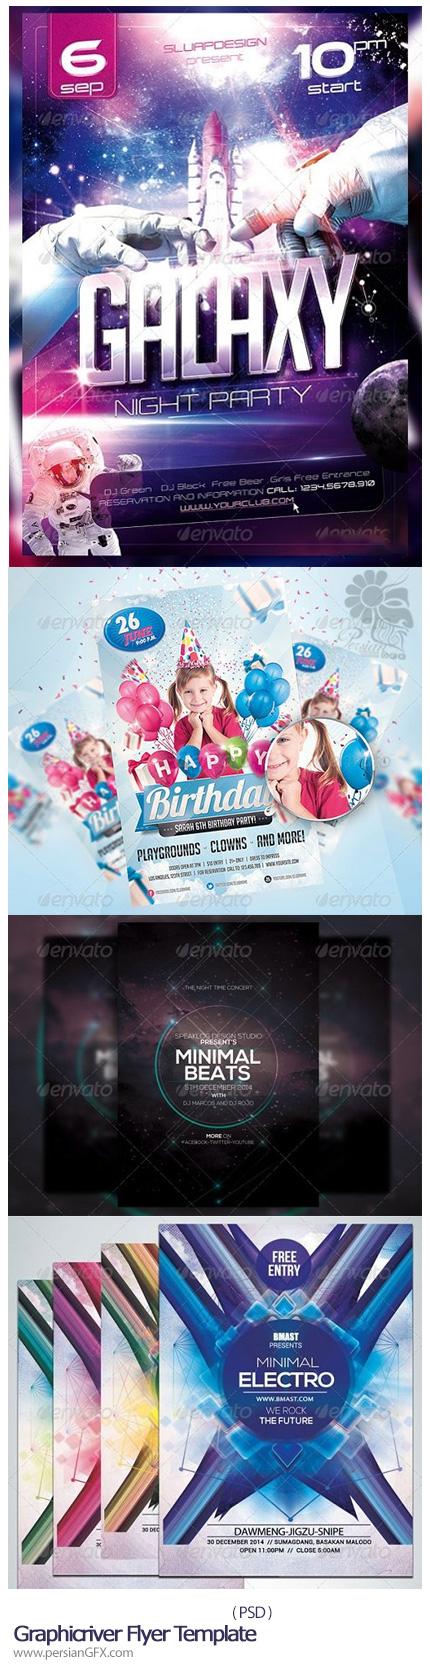 دانلود مجموعه تصاویر لایه باز پوسترهای تبلیغاتی متنوع از گرافیک ریور - Graphicriver Flyer Template